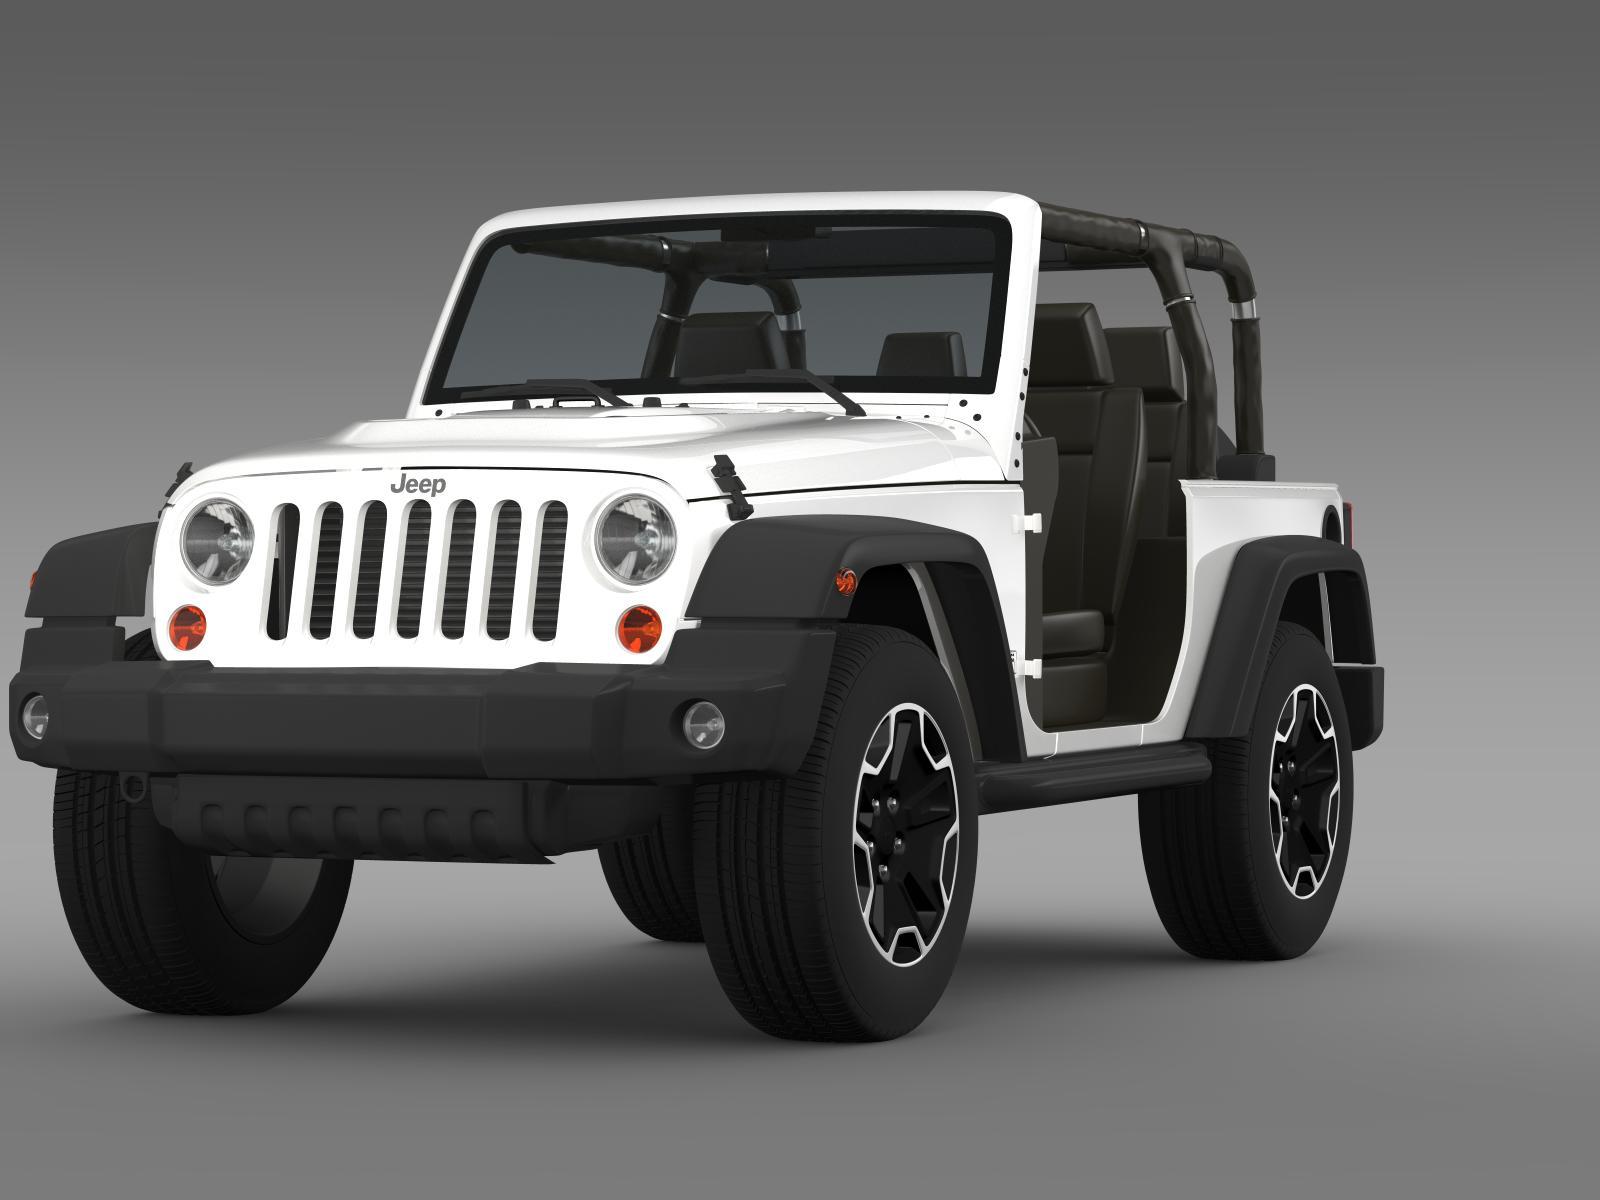 jeep wrangler rubicon 10th anniversary 2014 3d model buy jeep wrangler rubicon 10th. Black Bedroom Furniture Sets. Home Design Ideas